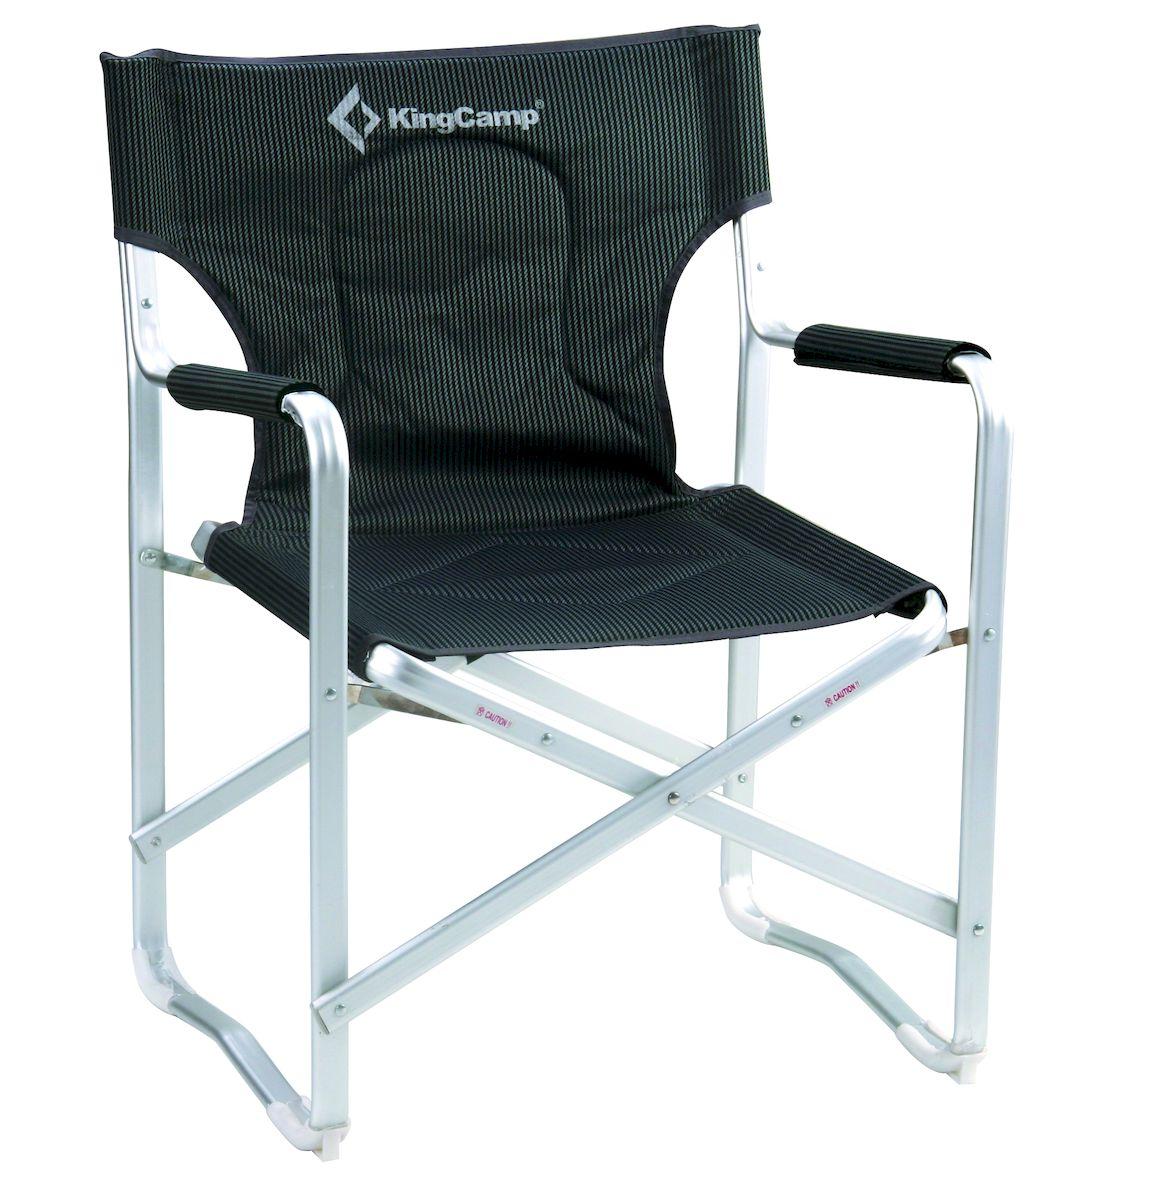 Кресло складное KingCamp DIRECTOR DELUX KC3811, цвет: черно-серый09840-20.000.00DELUXE DIRECTOR CHAIR Кресло складное с подлокотниками с алюминиевой рамойАртикул KС3811Размеры:ширина 63 см (сиденье 54 см)глубина 53 см высота 84 см (сиденье 43 см)Упаковка: 85 х 25 х 14 смВес: 3,5 кгКаркас: алюминийТкань: полиэстер 1200D Oxford PVC